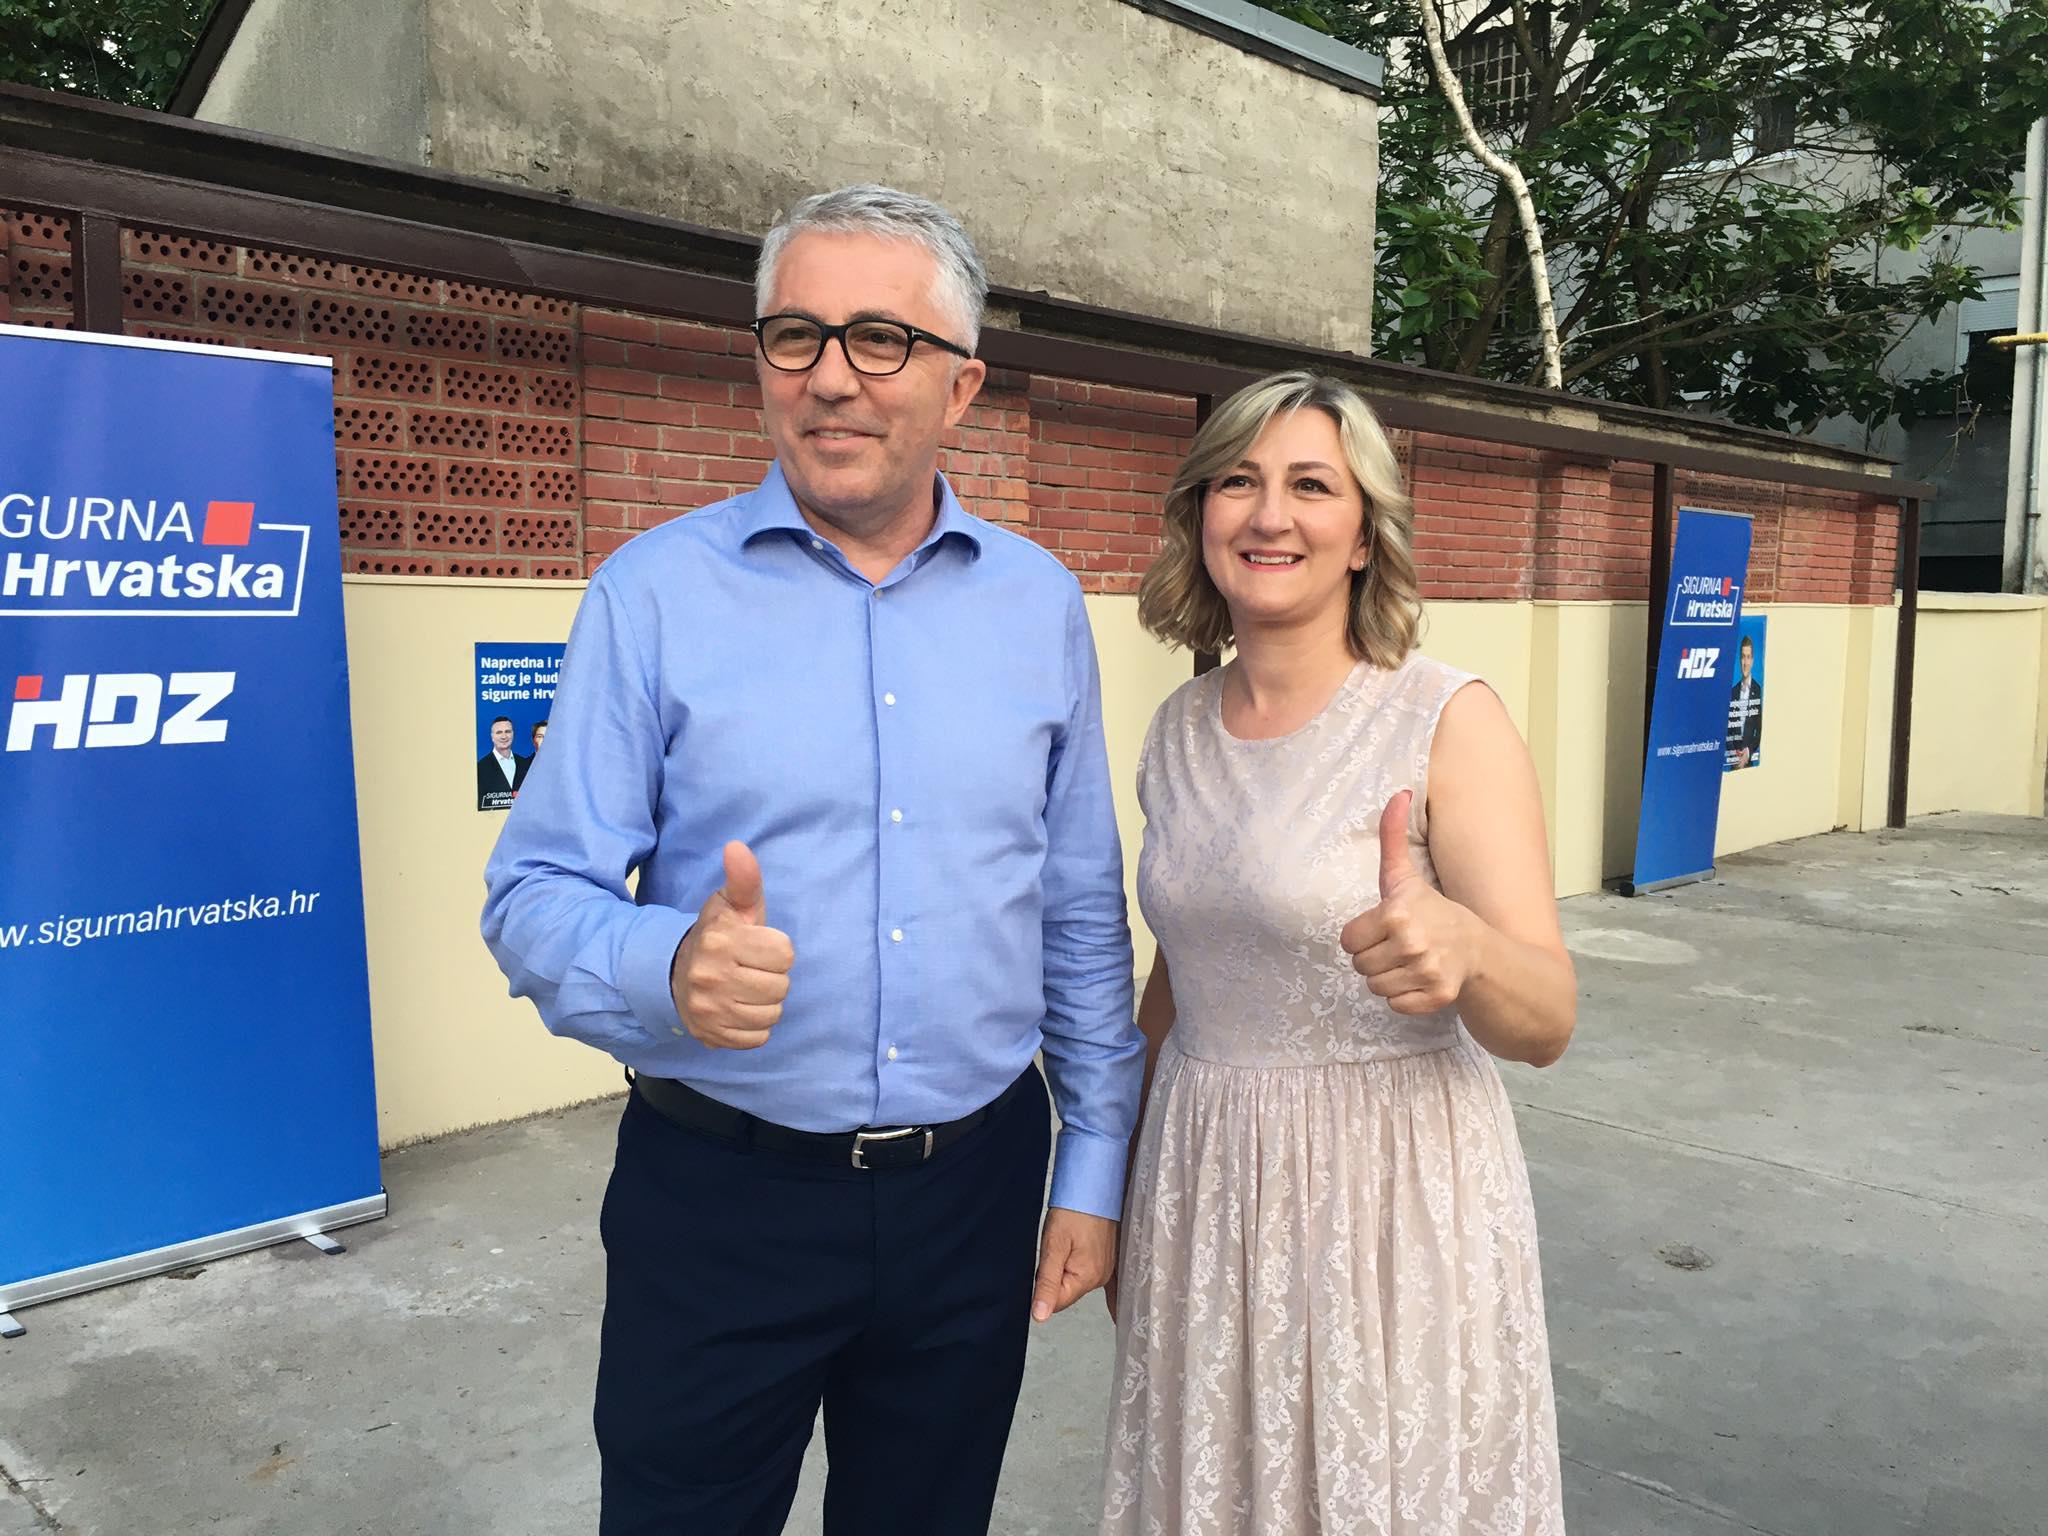 Na još jednim parlamentarnim izborima HDZ pokazao da suvereno vlada terenom, komentar je dao Pero Ćosić